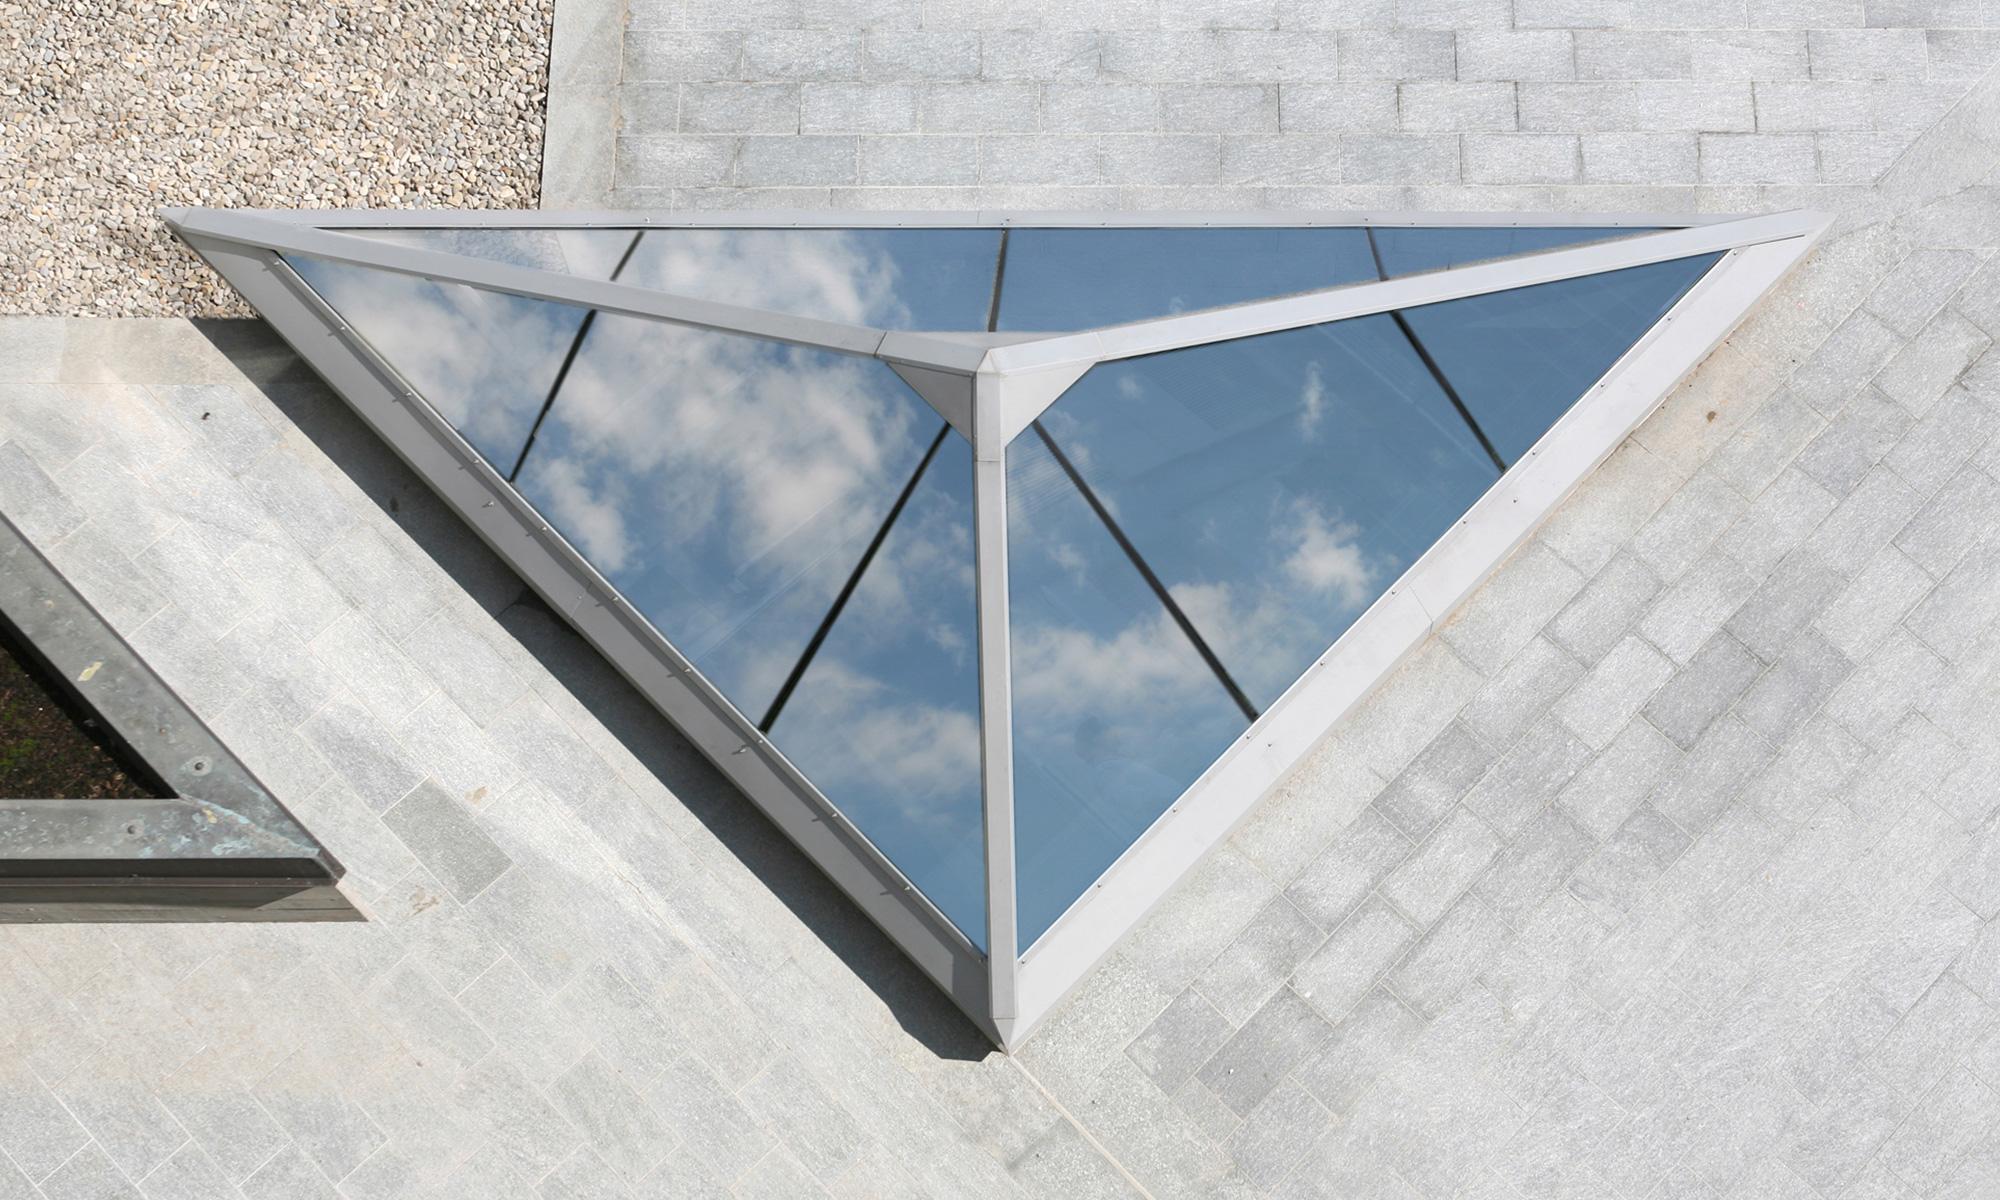 Ingegnere Tommaso Mendicino, Binini Partners, Società di architettura e ingegneria, Reggio Emilia, Italia